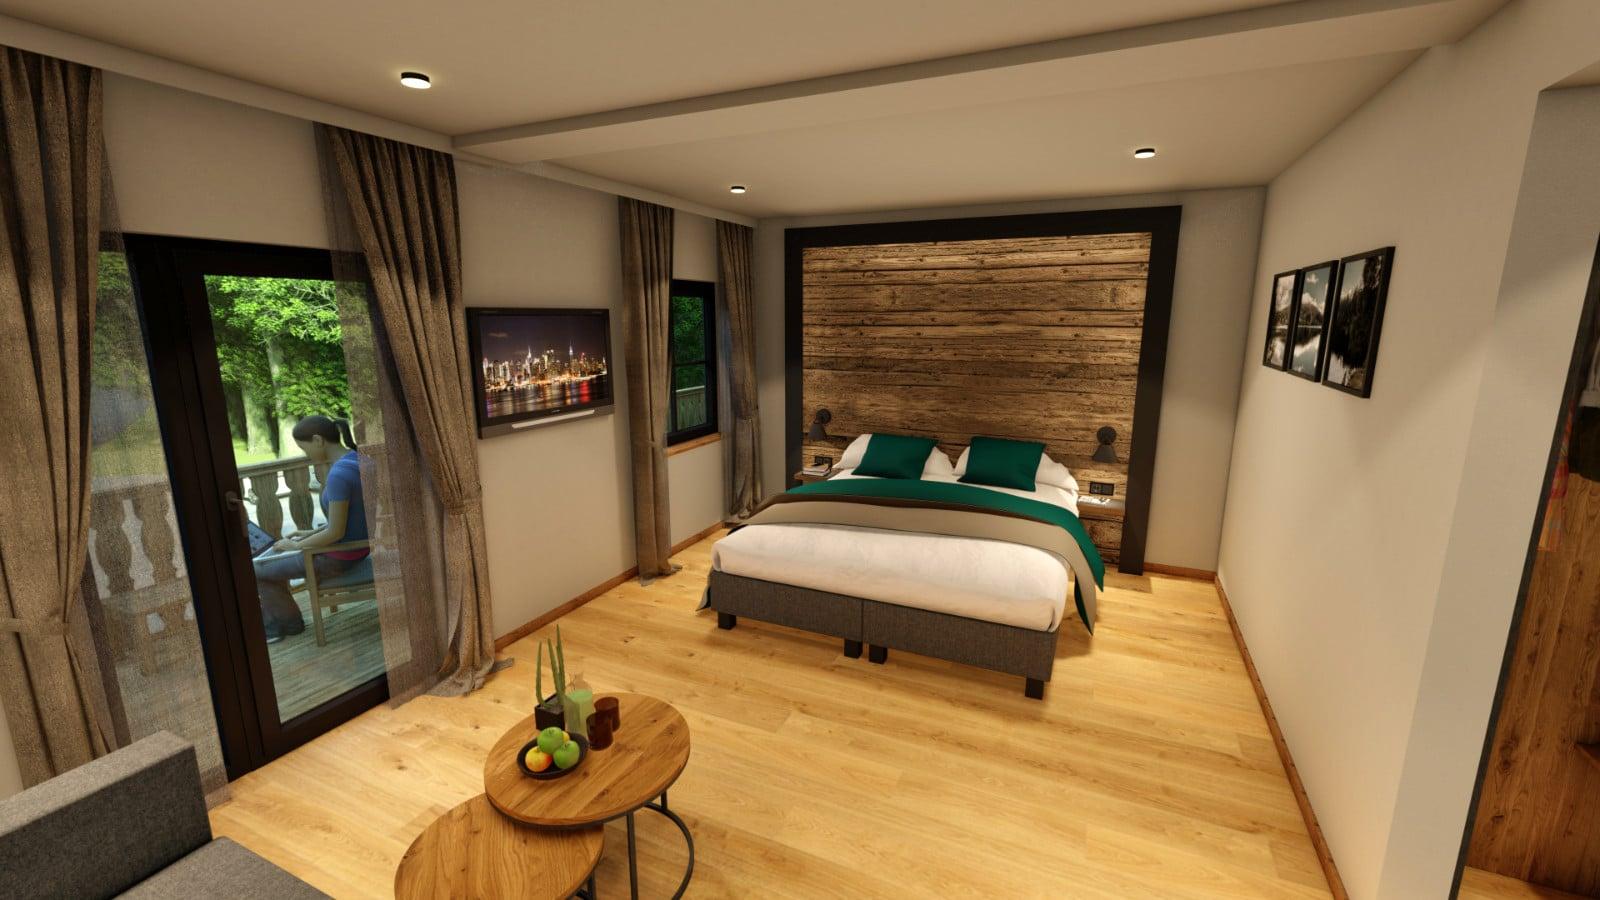 Gemütlich übernachten im Hotel Köhlerei am See